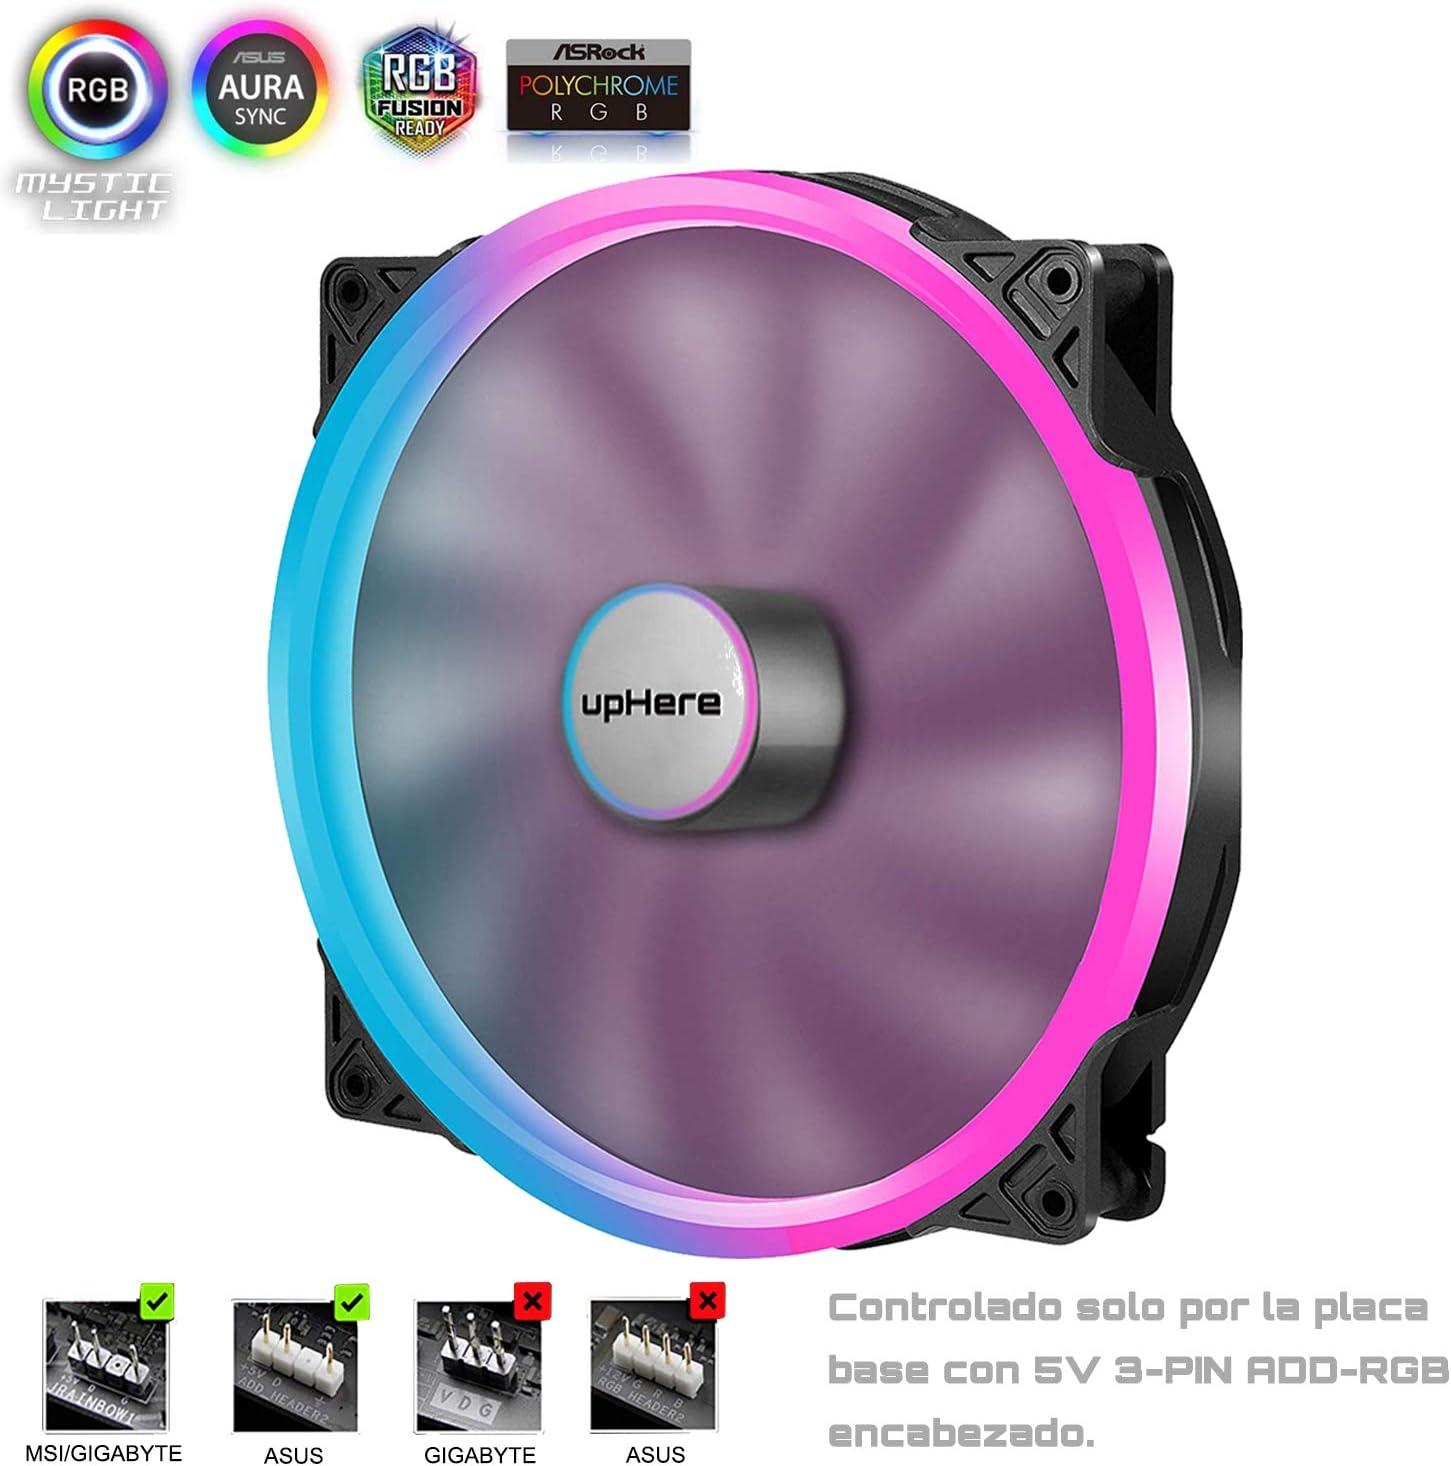 upHere 5V ARGB LED Ventilador para Caja de Ordenador PC Case Fan - Ventilador de 200mm (P200RGB)